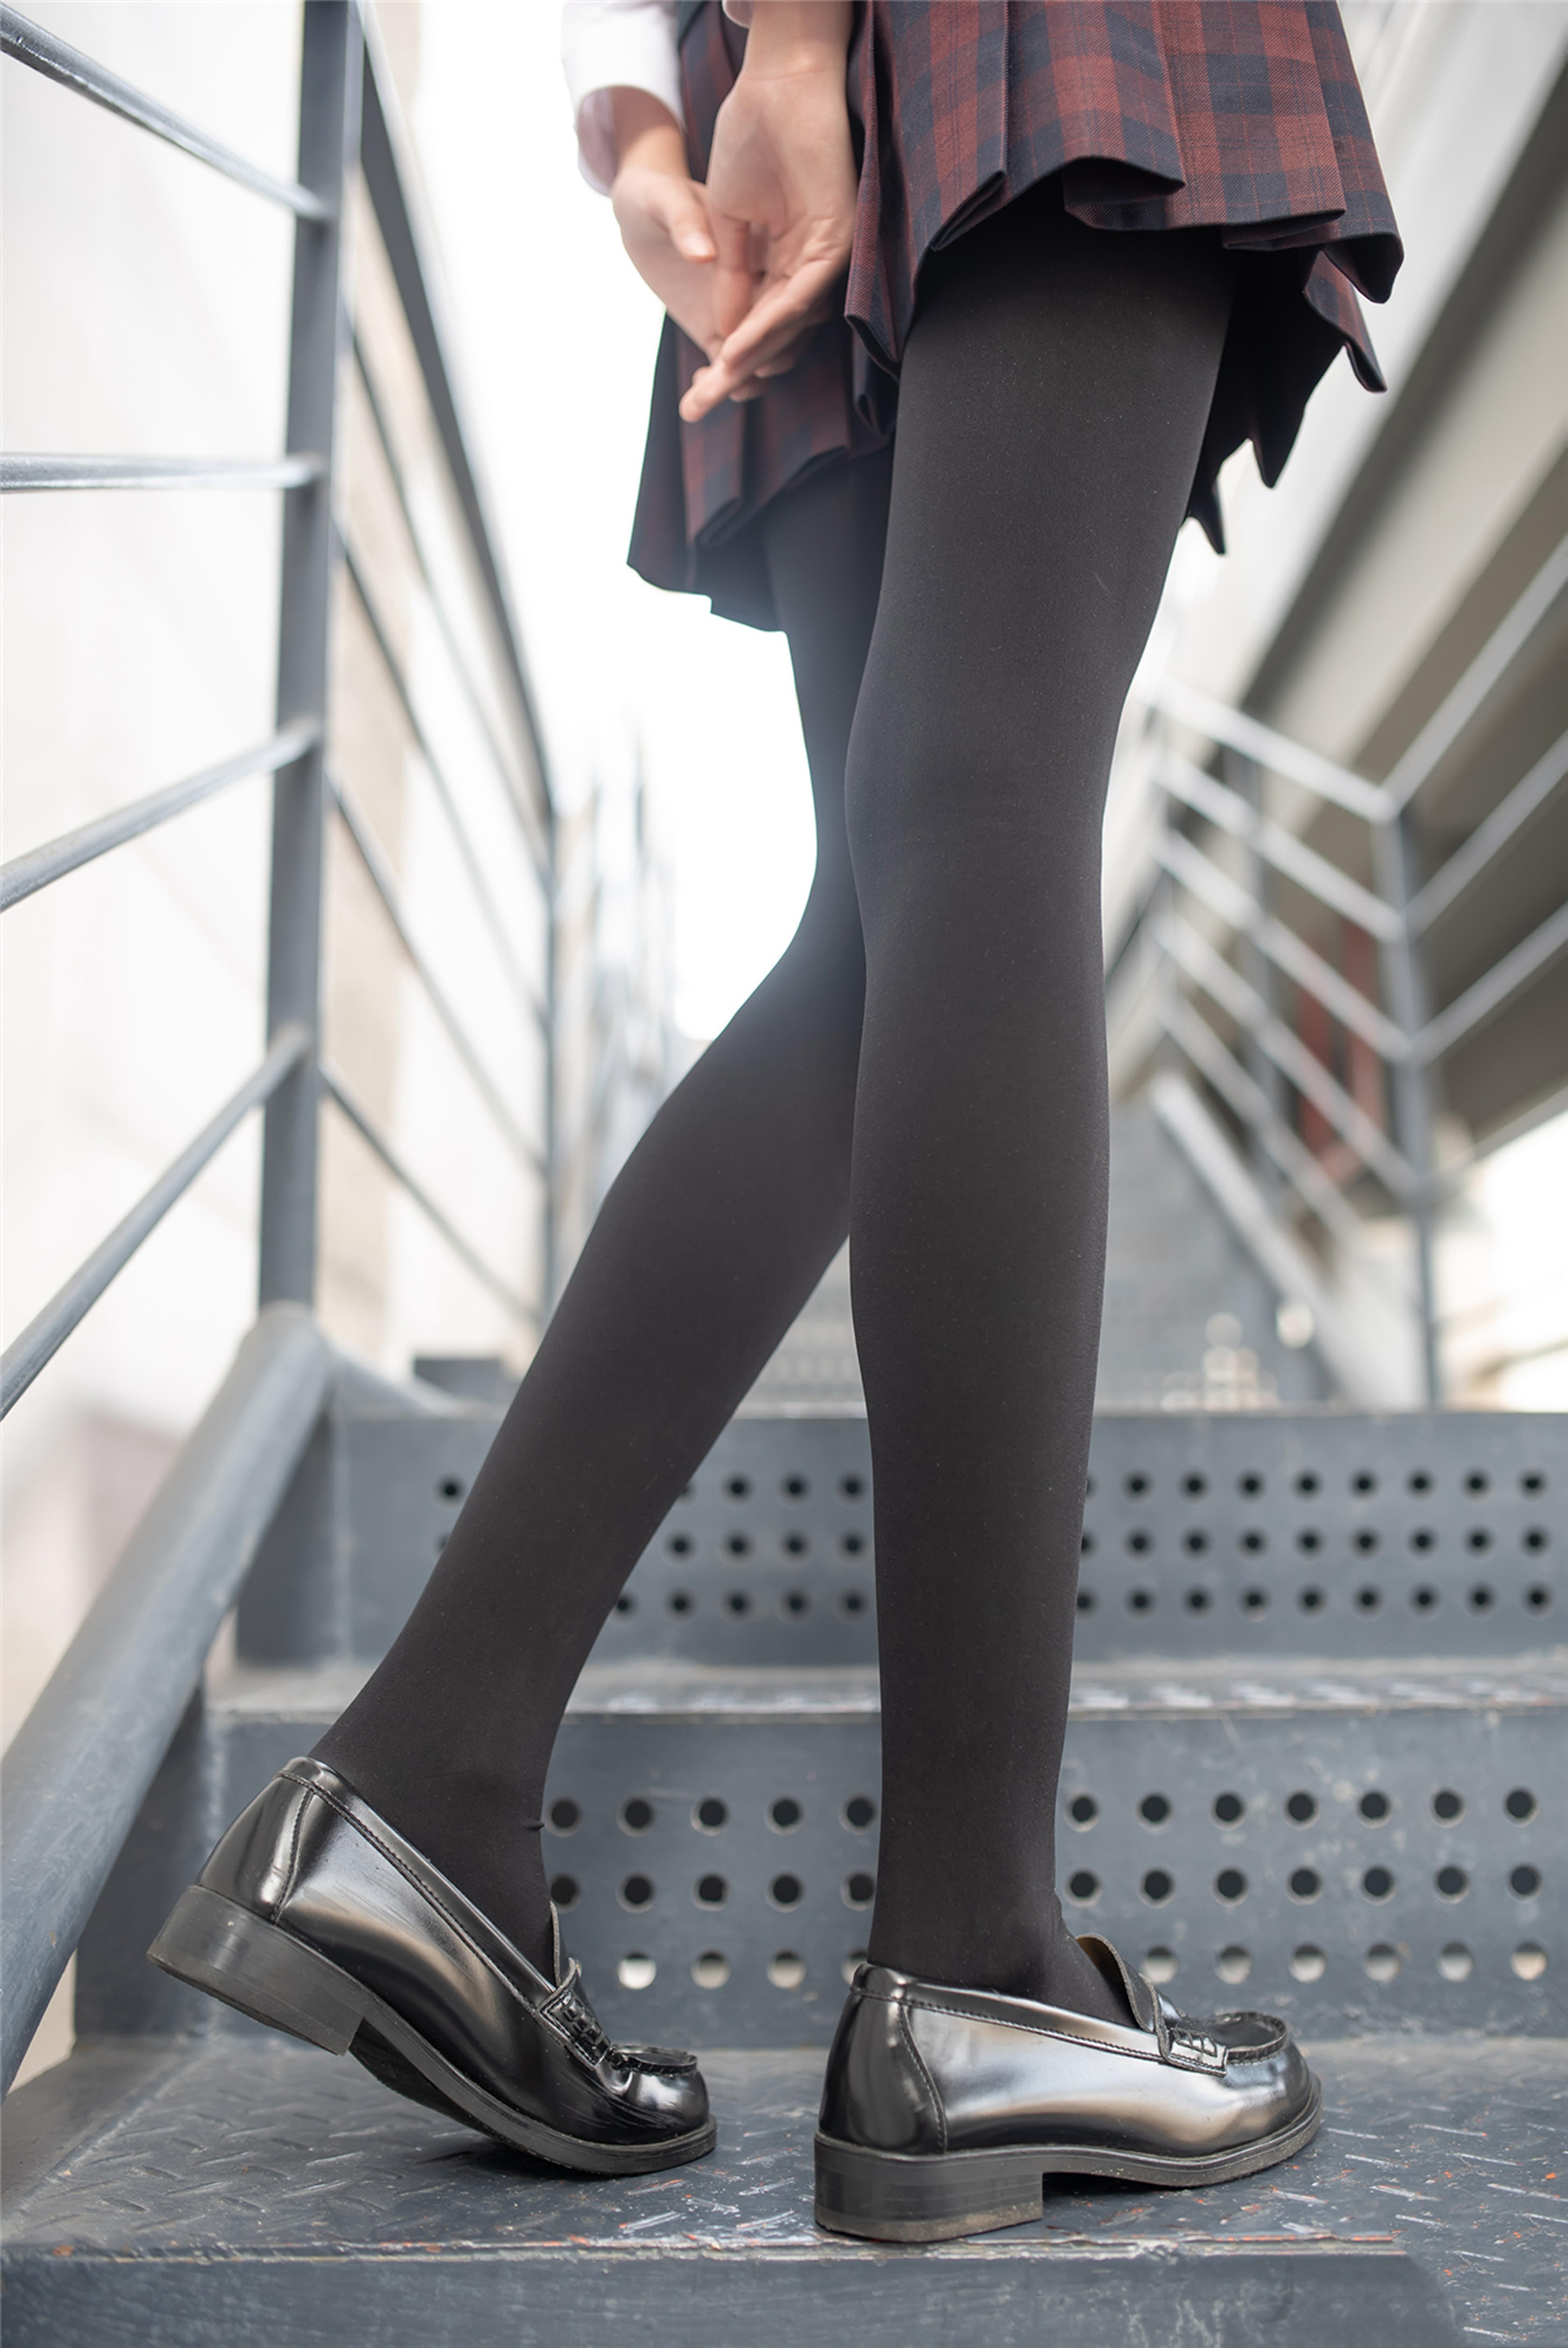 【风之领域0020】一双美腿走天下,美少女纯黑丝袜太诱人,网友狂喊需要纸巾!!!